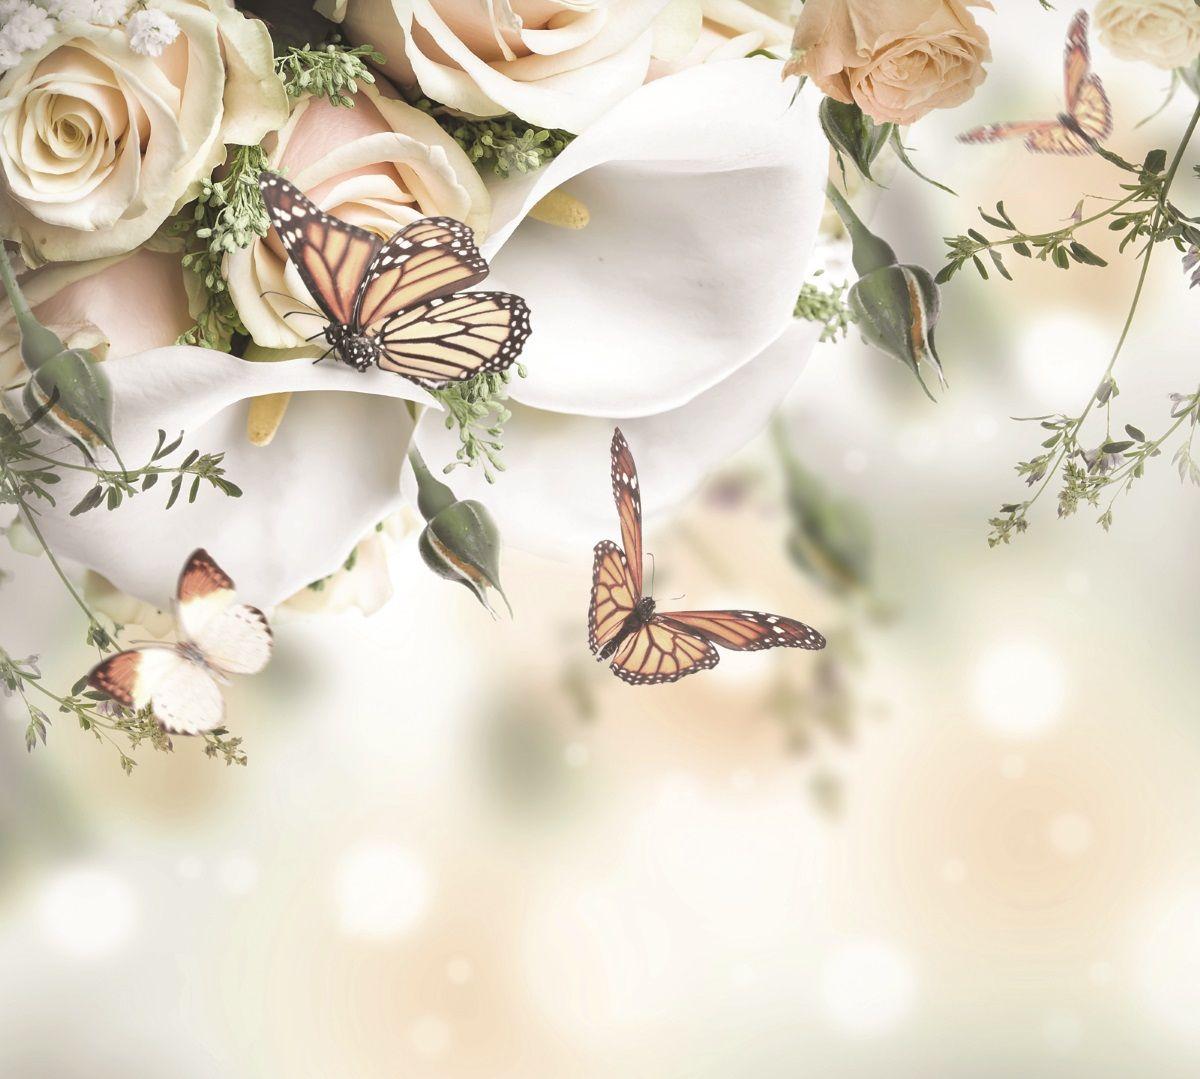 Фотообои флизелиновые Московская обойная фабрика Лилии и бабочки, 300 х 270 см фотообои флизелиновые московская обойная фабрика белая лошадь 300 х 270 см